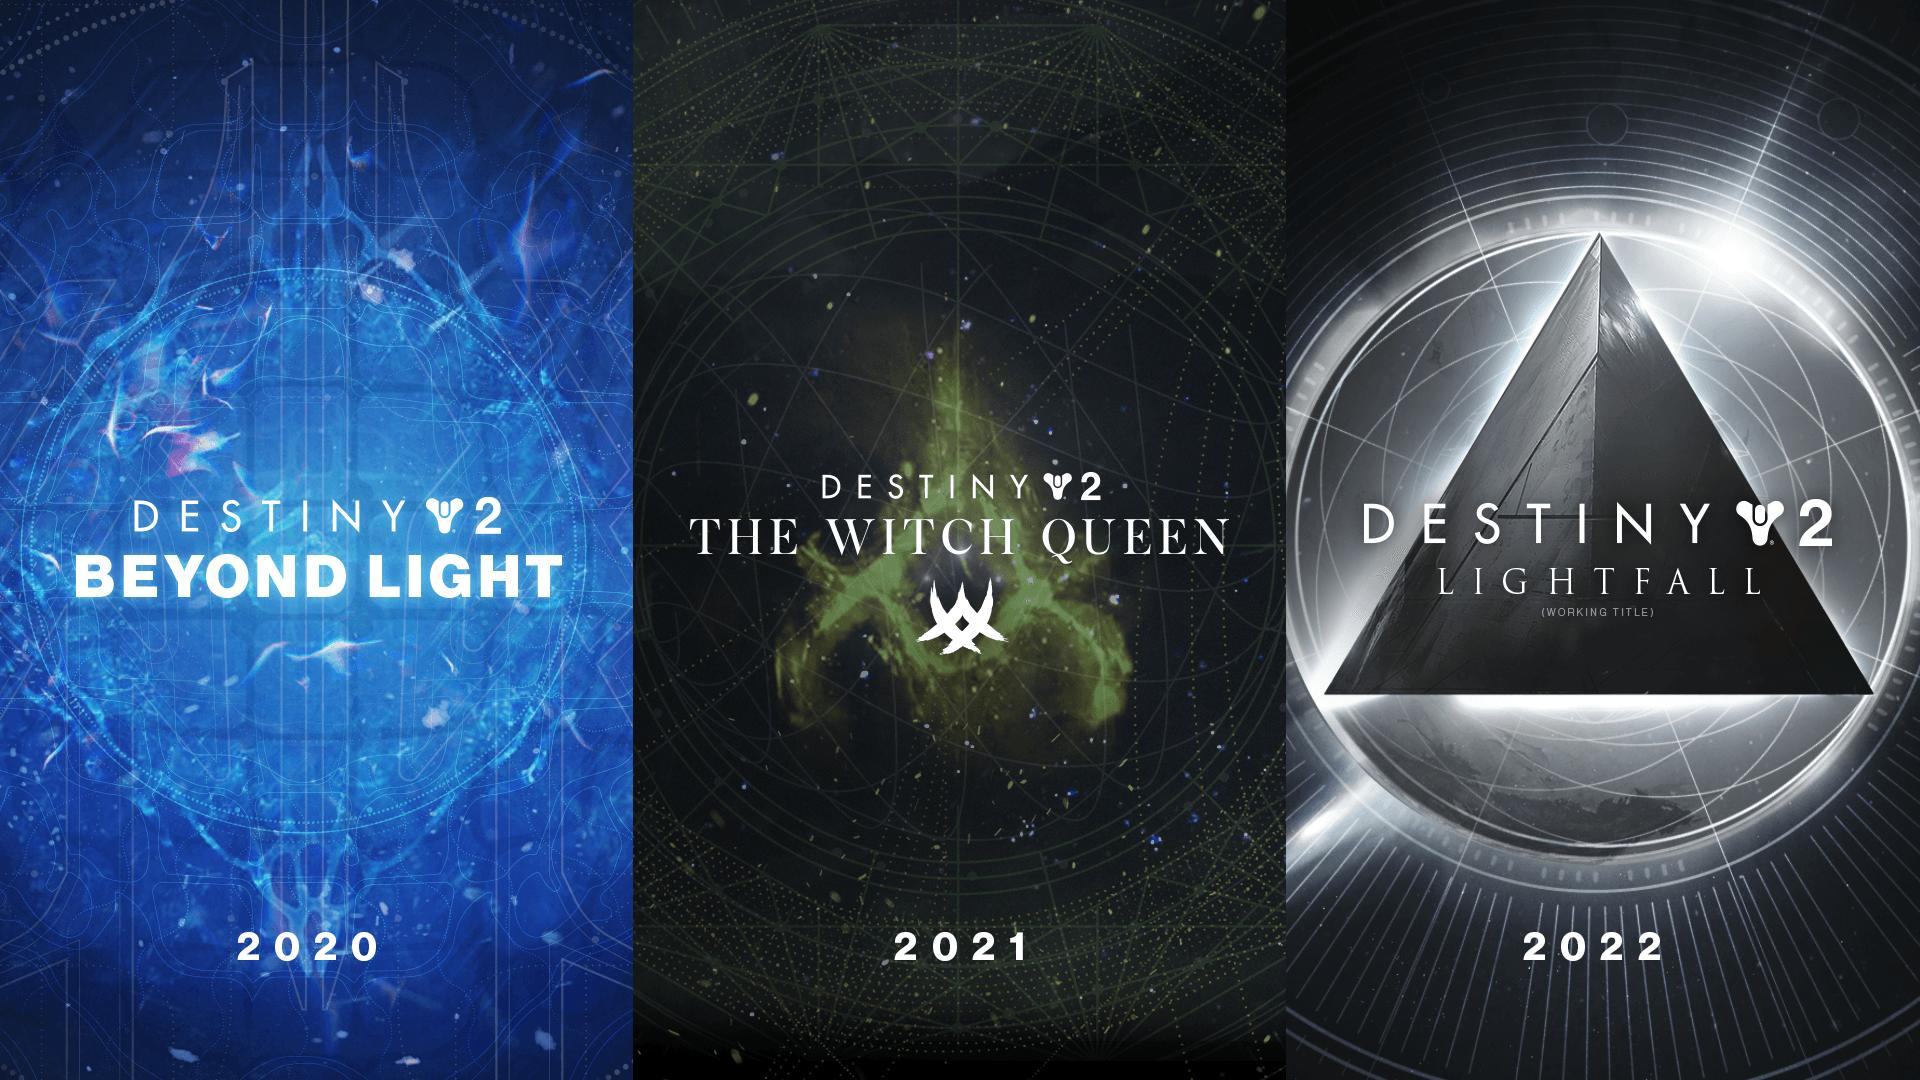 Por ahora, no hay planes para desarrollar Destiny 3 2